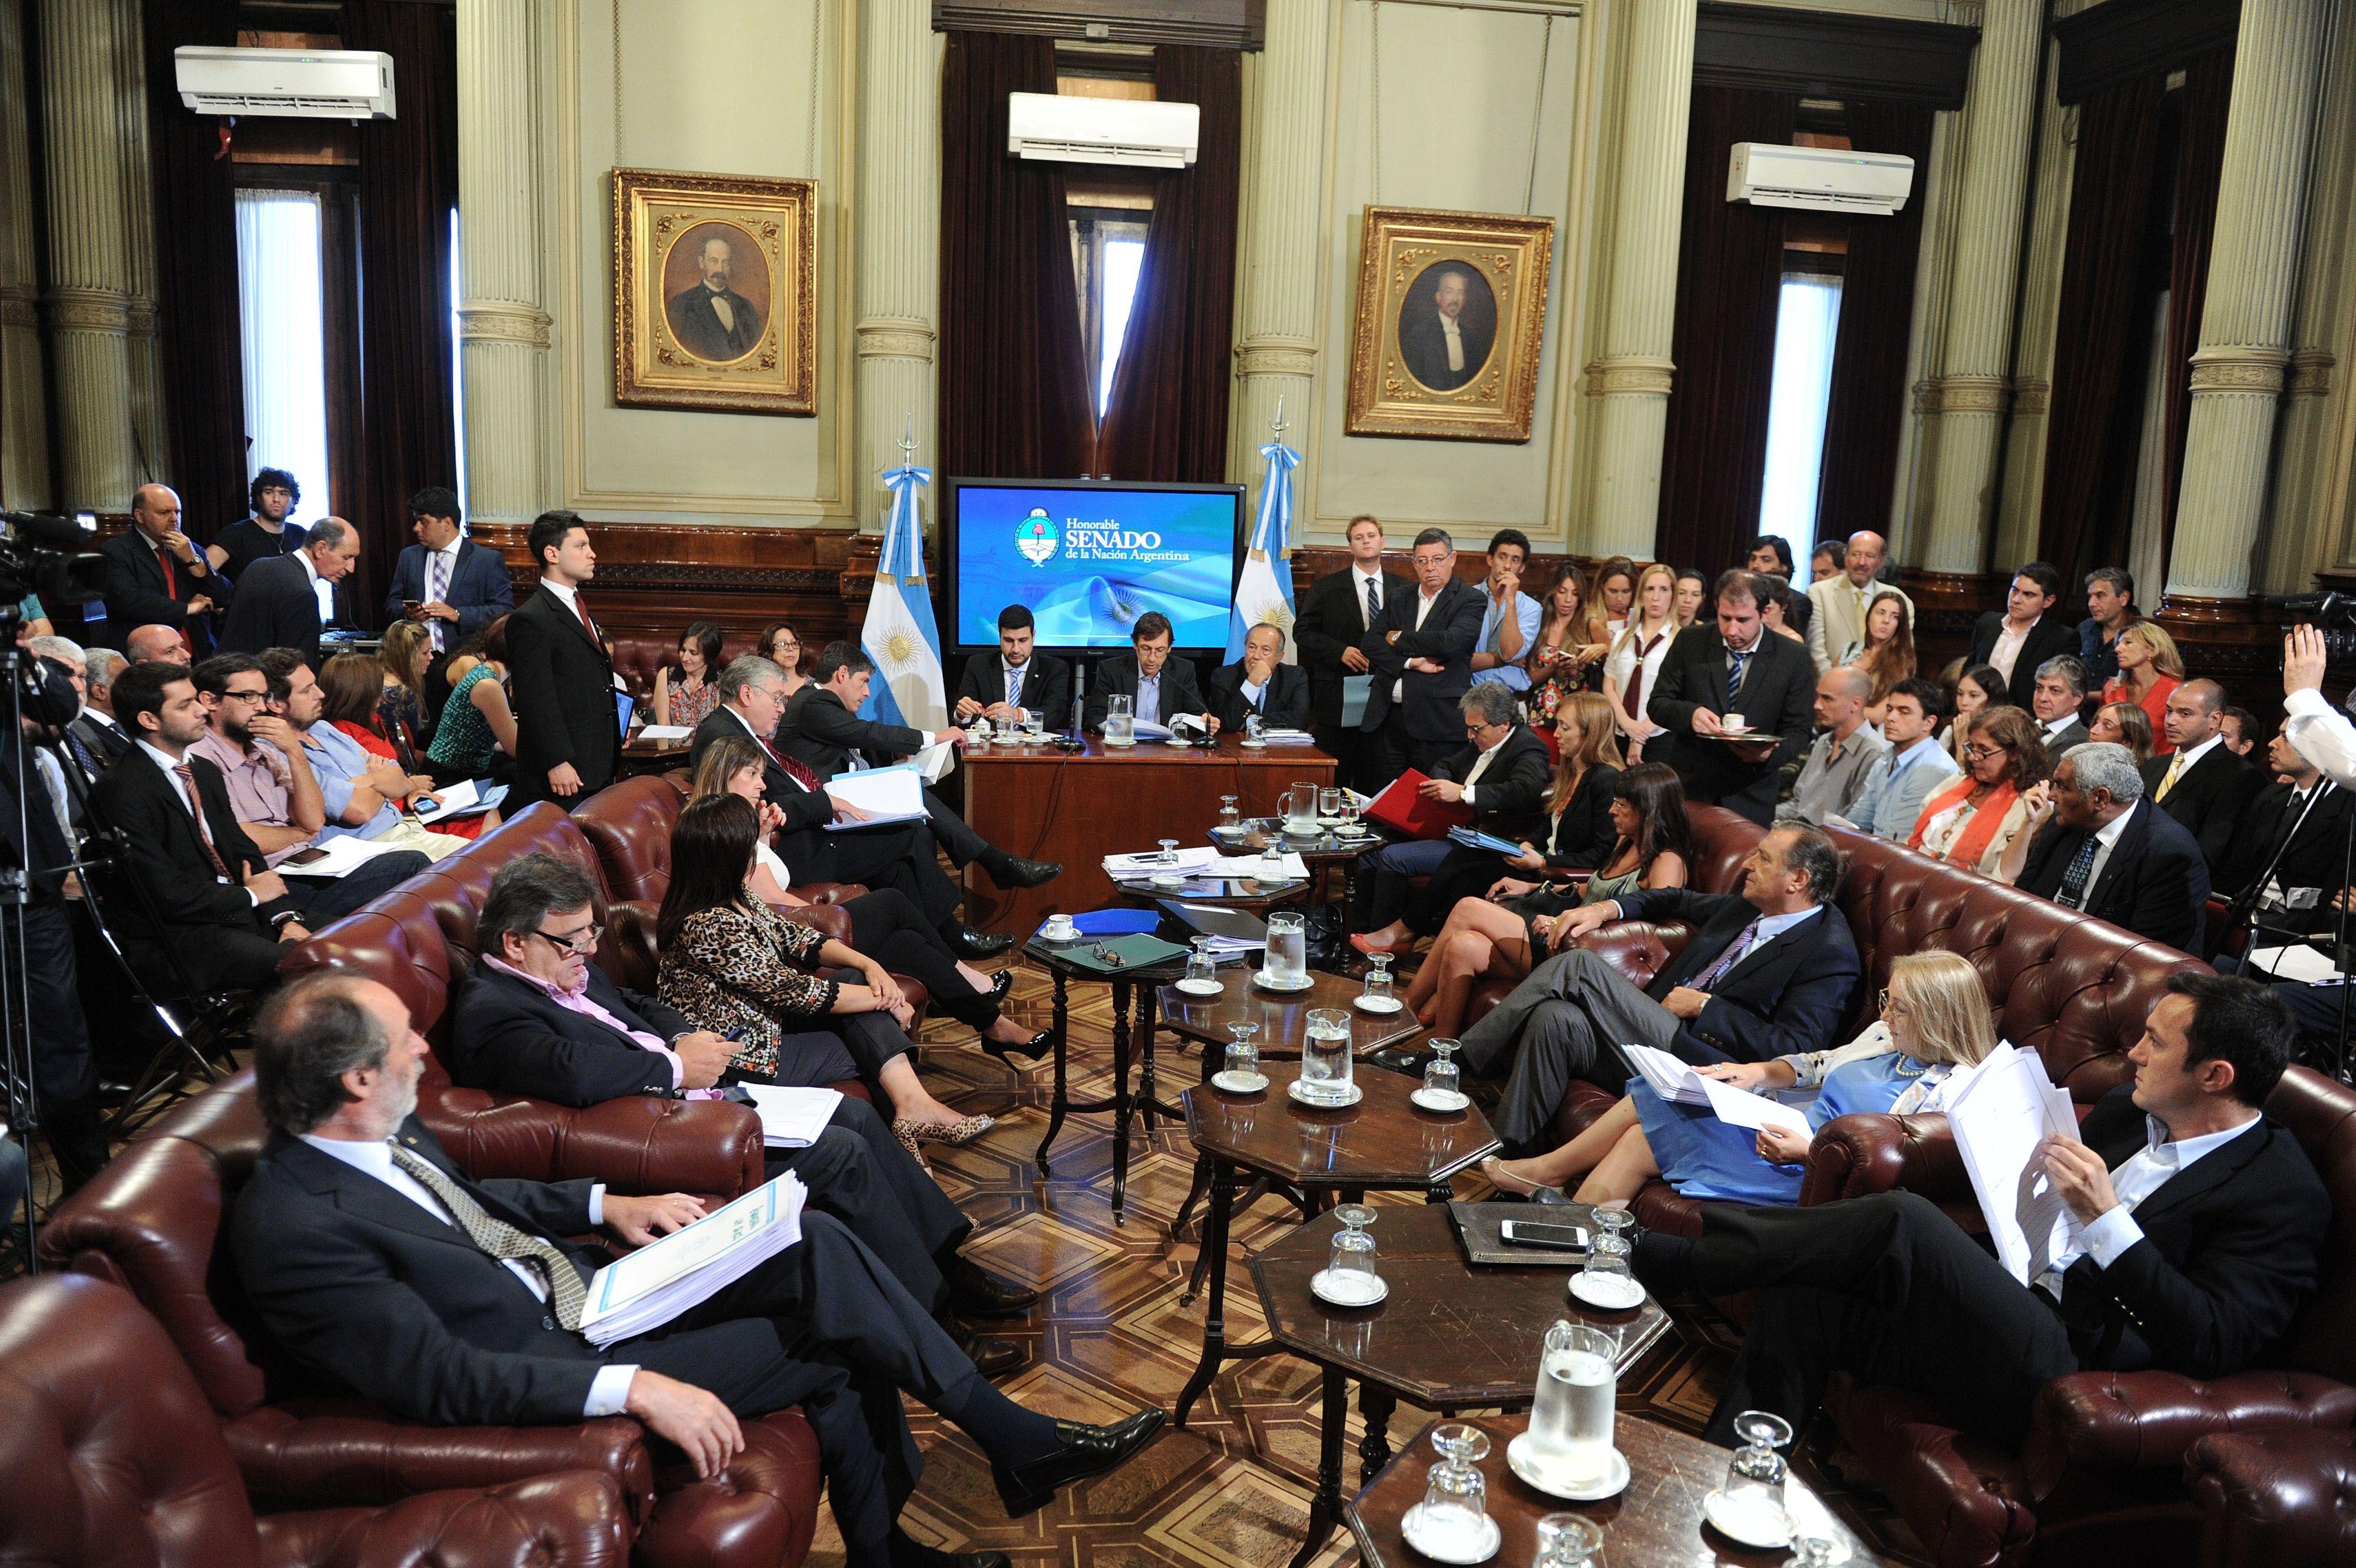 Bicameral dio aval al DNU de Macri que frenó devolución del 15% a las provincias